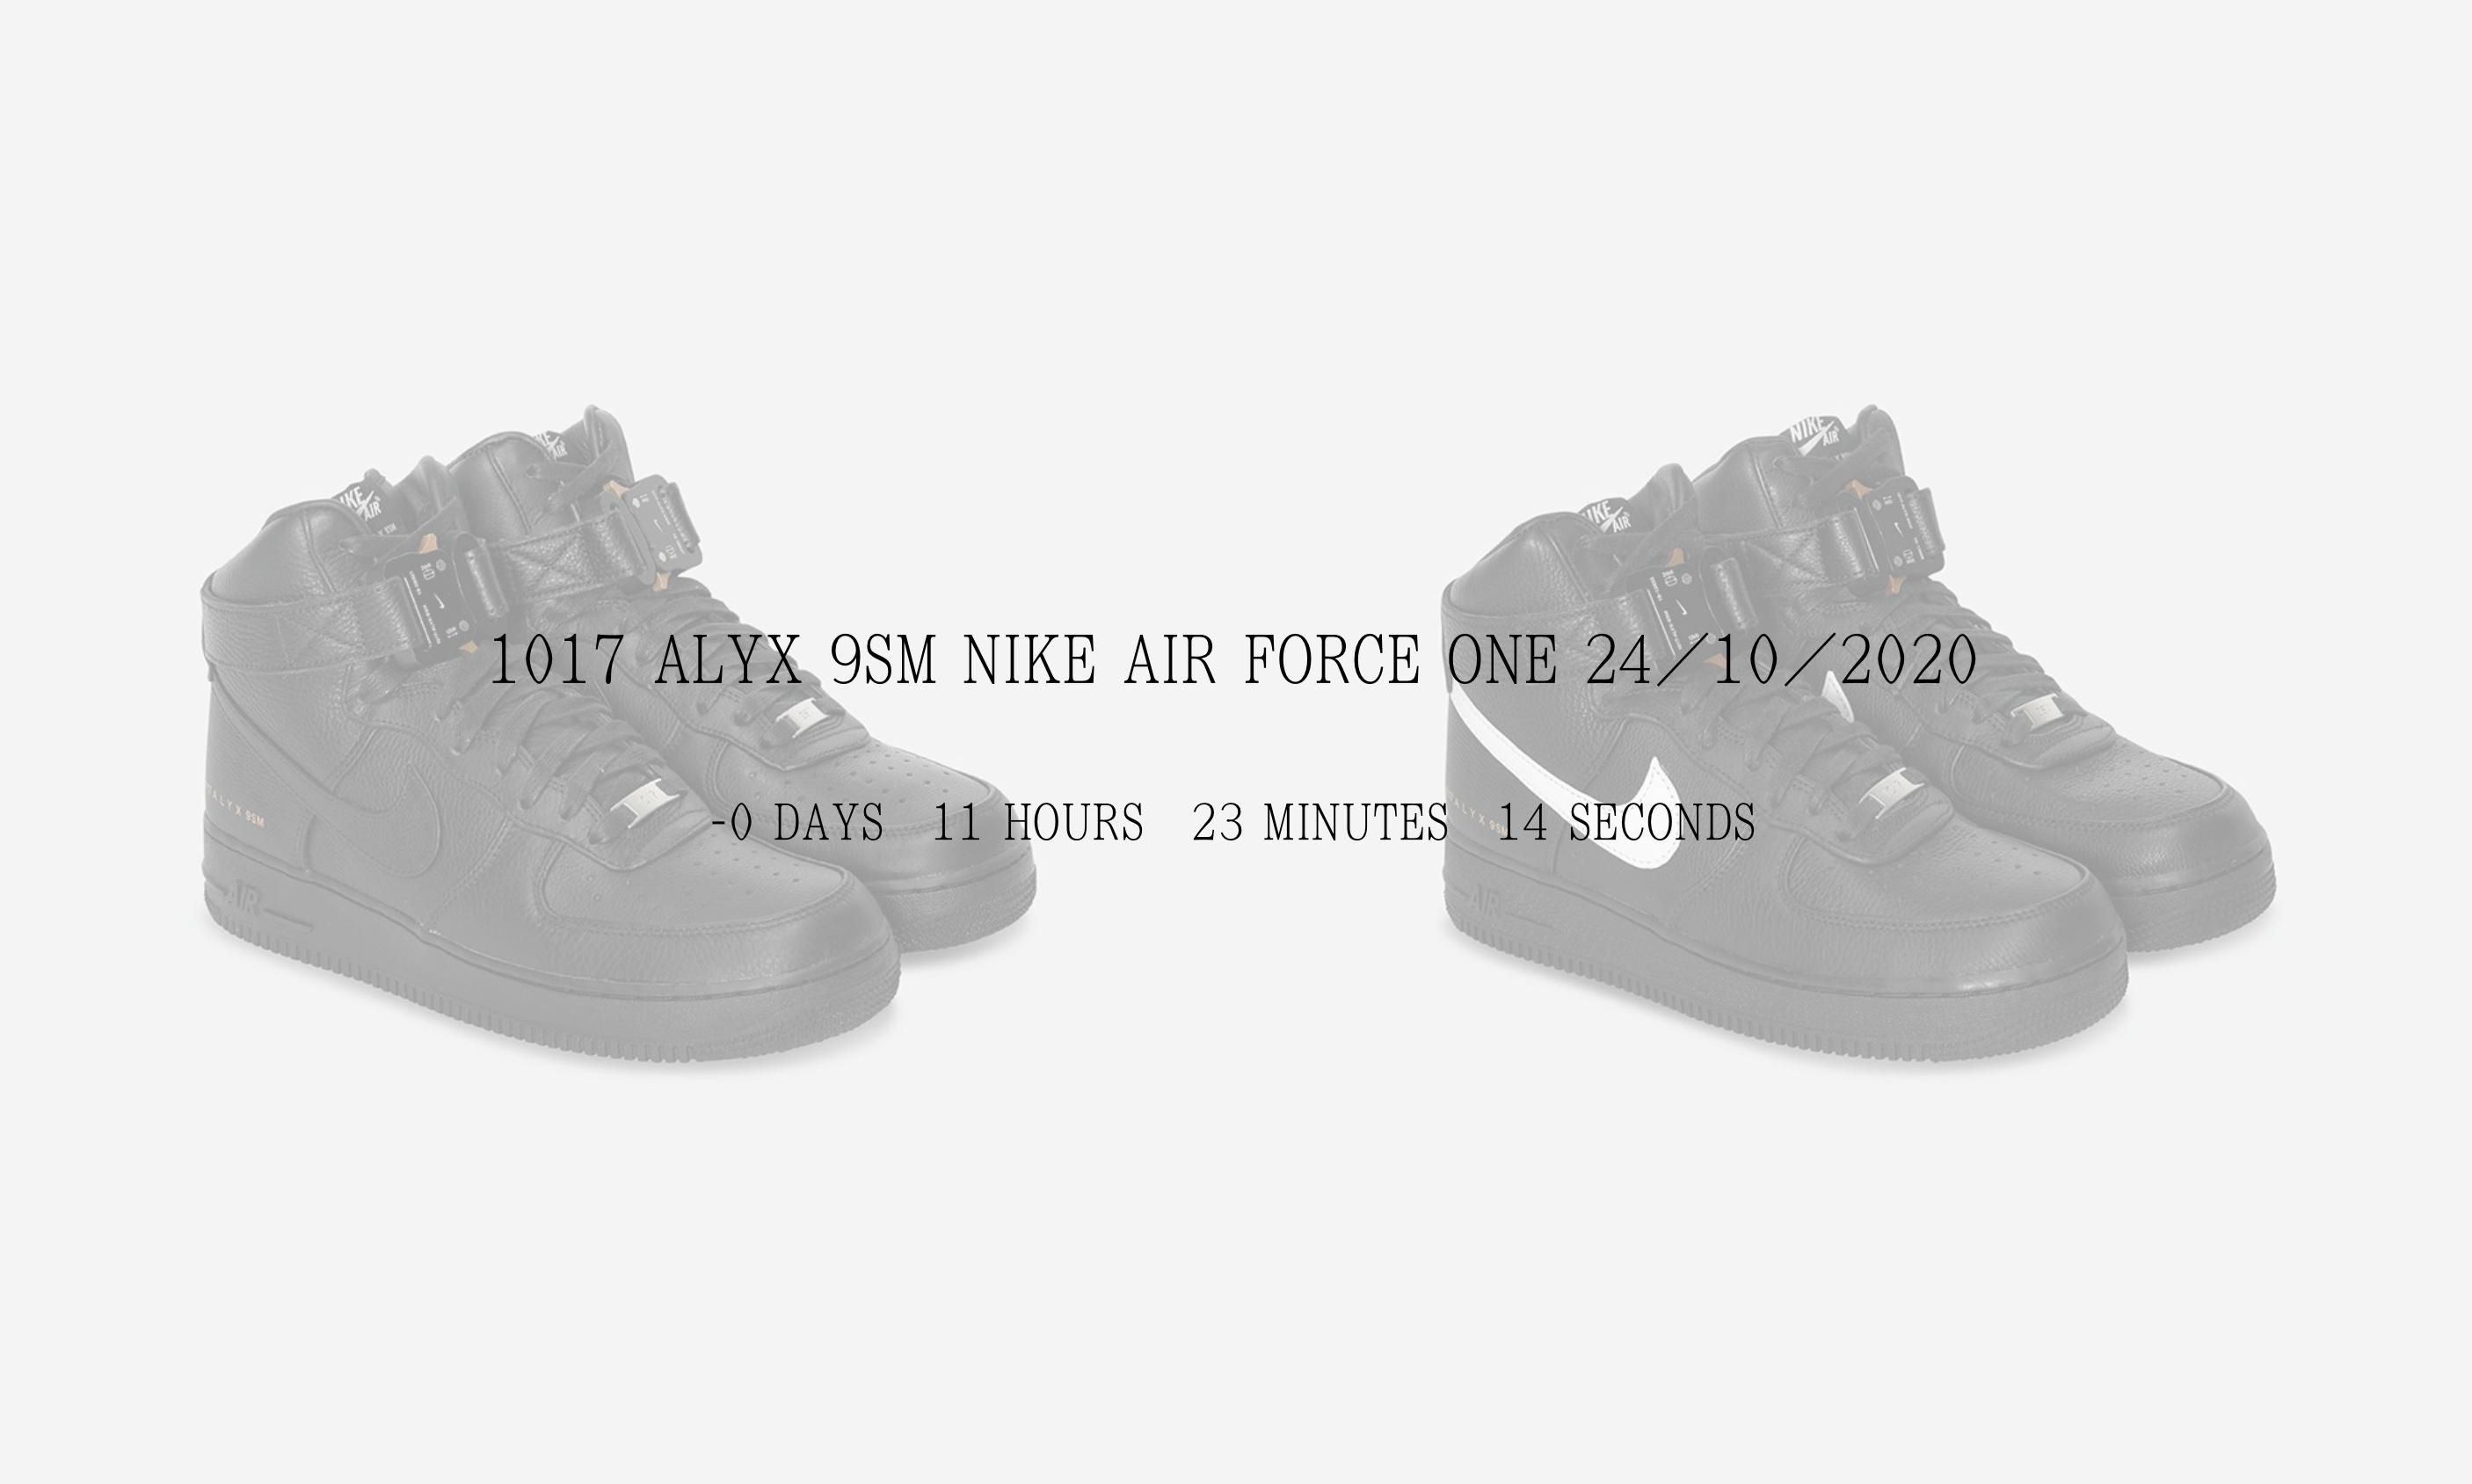 倒计时发售,1017 ALYX 9SM x Nike Air Force 1 上架官网